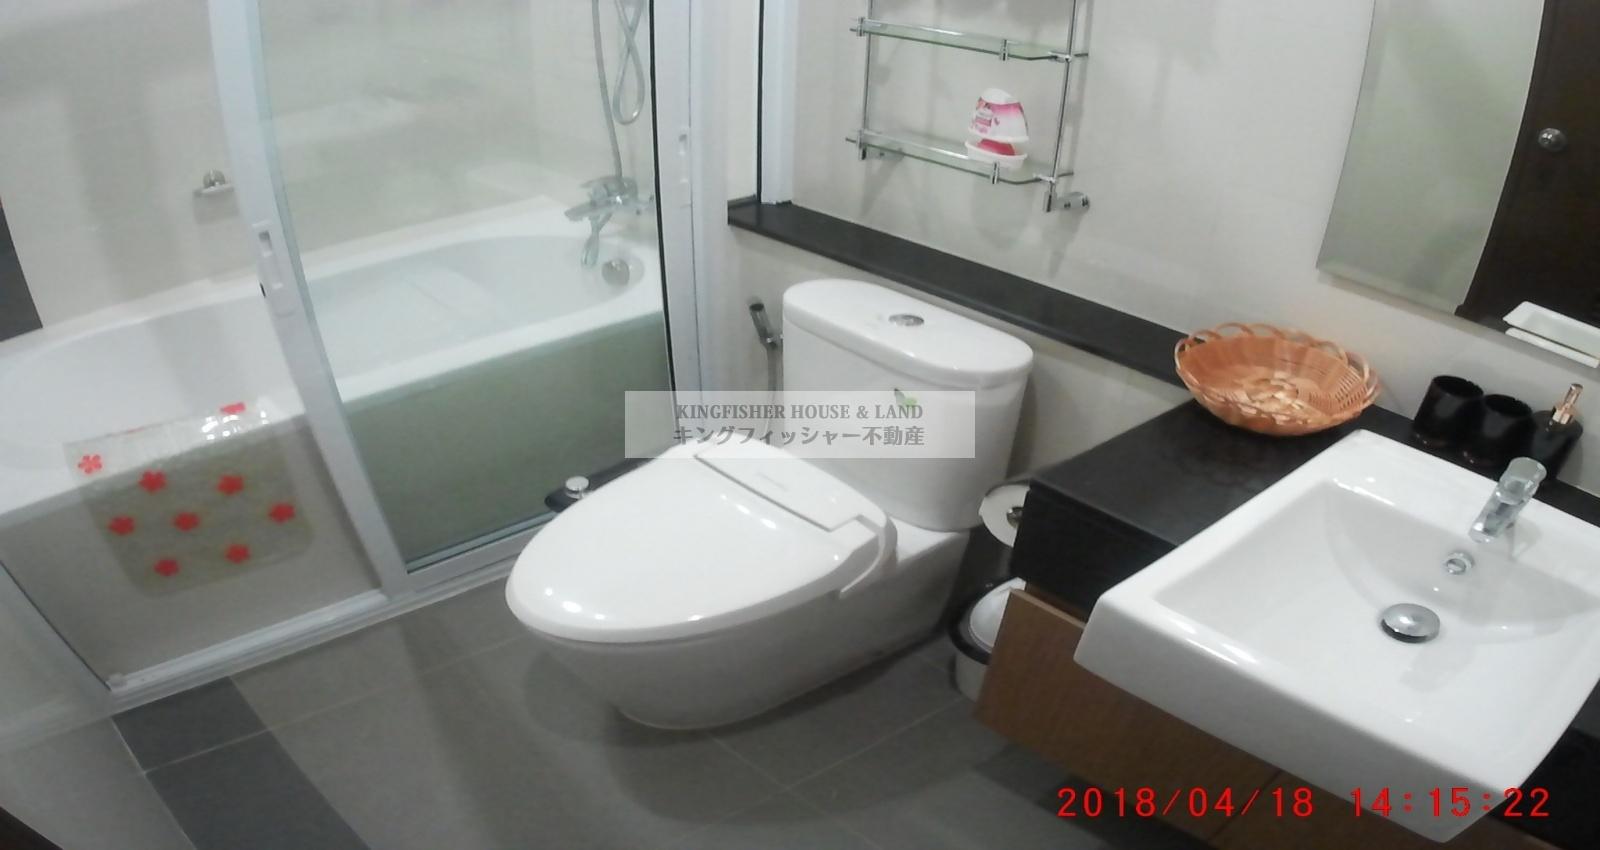 1 Bedrooms, Condominium, For Rent, 1 Bathrooms, Listing ID 1254, Sriracha, Thailand, 20110,